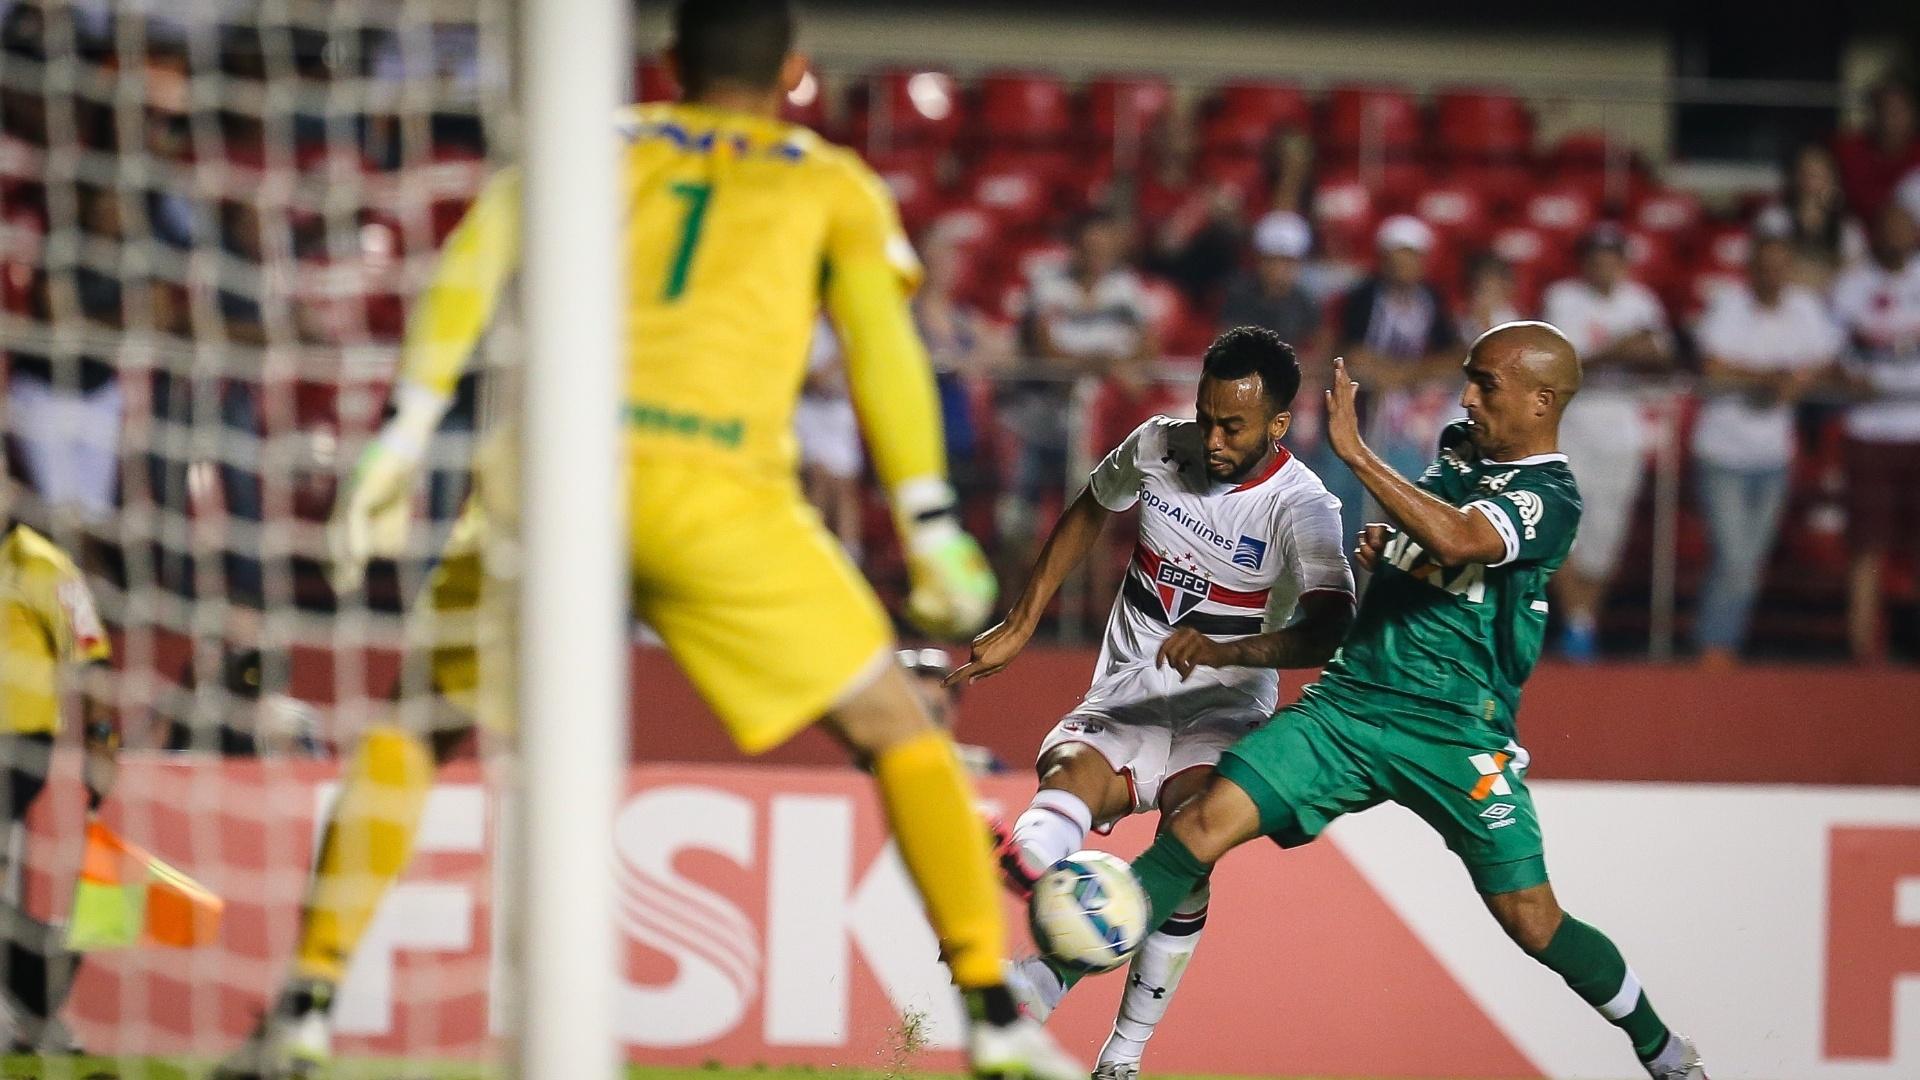 Wesley tenta avançar pela ponta no jogo São Paulo e Chapecoense, pelo Brasileirão